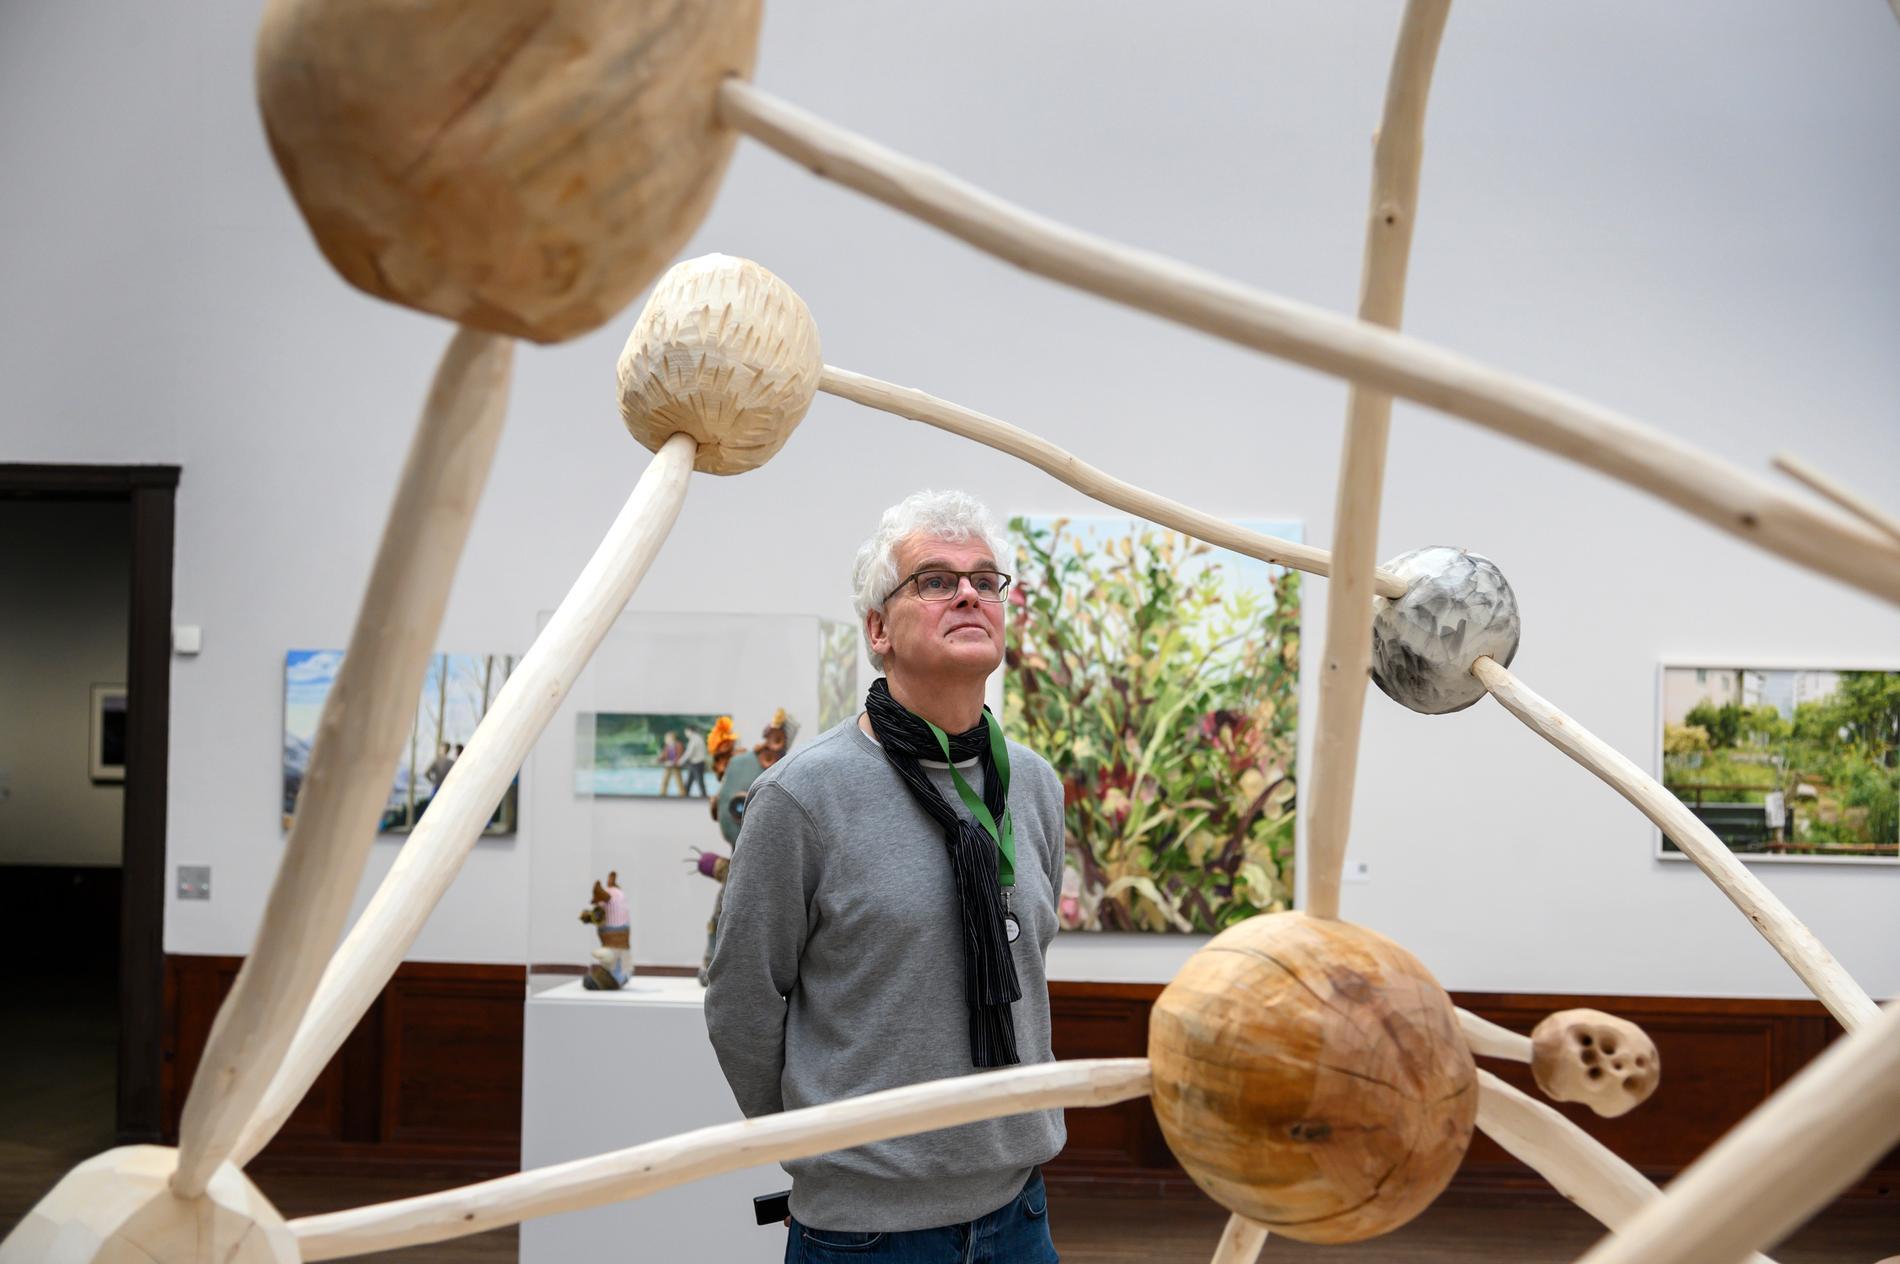 Årets Vårsalong på Liljevalchs konsthall kan äntligen öppnas för allmänheten. Chefen för Liljevalchs, Mårten Castenfors, betraktar på bilden en träskulptur av Klara Isling, Chrisse Kuisma Karlsson och Espen Hansen. Arkivbild.